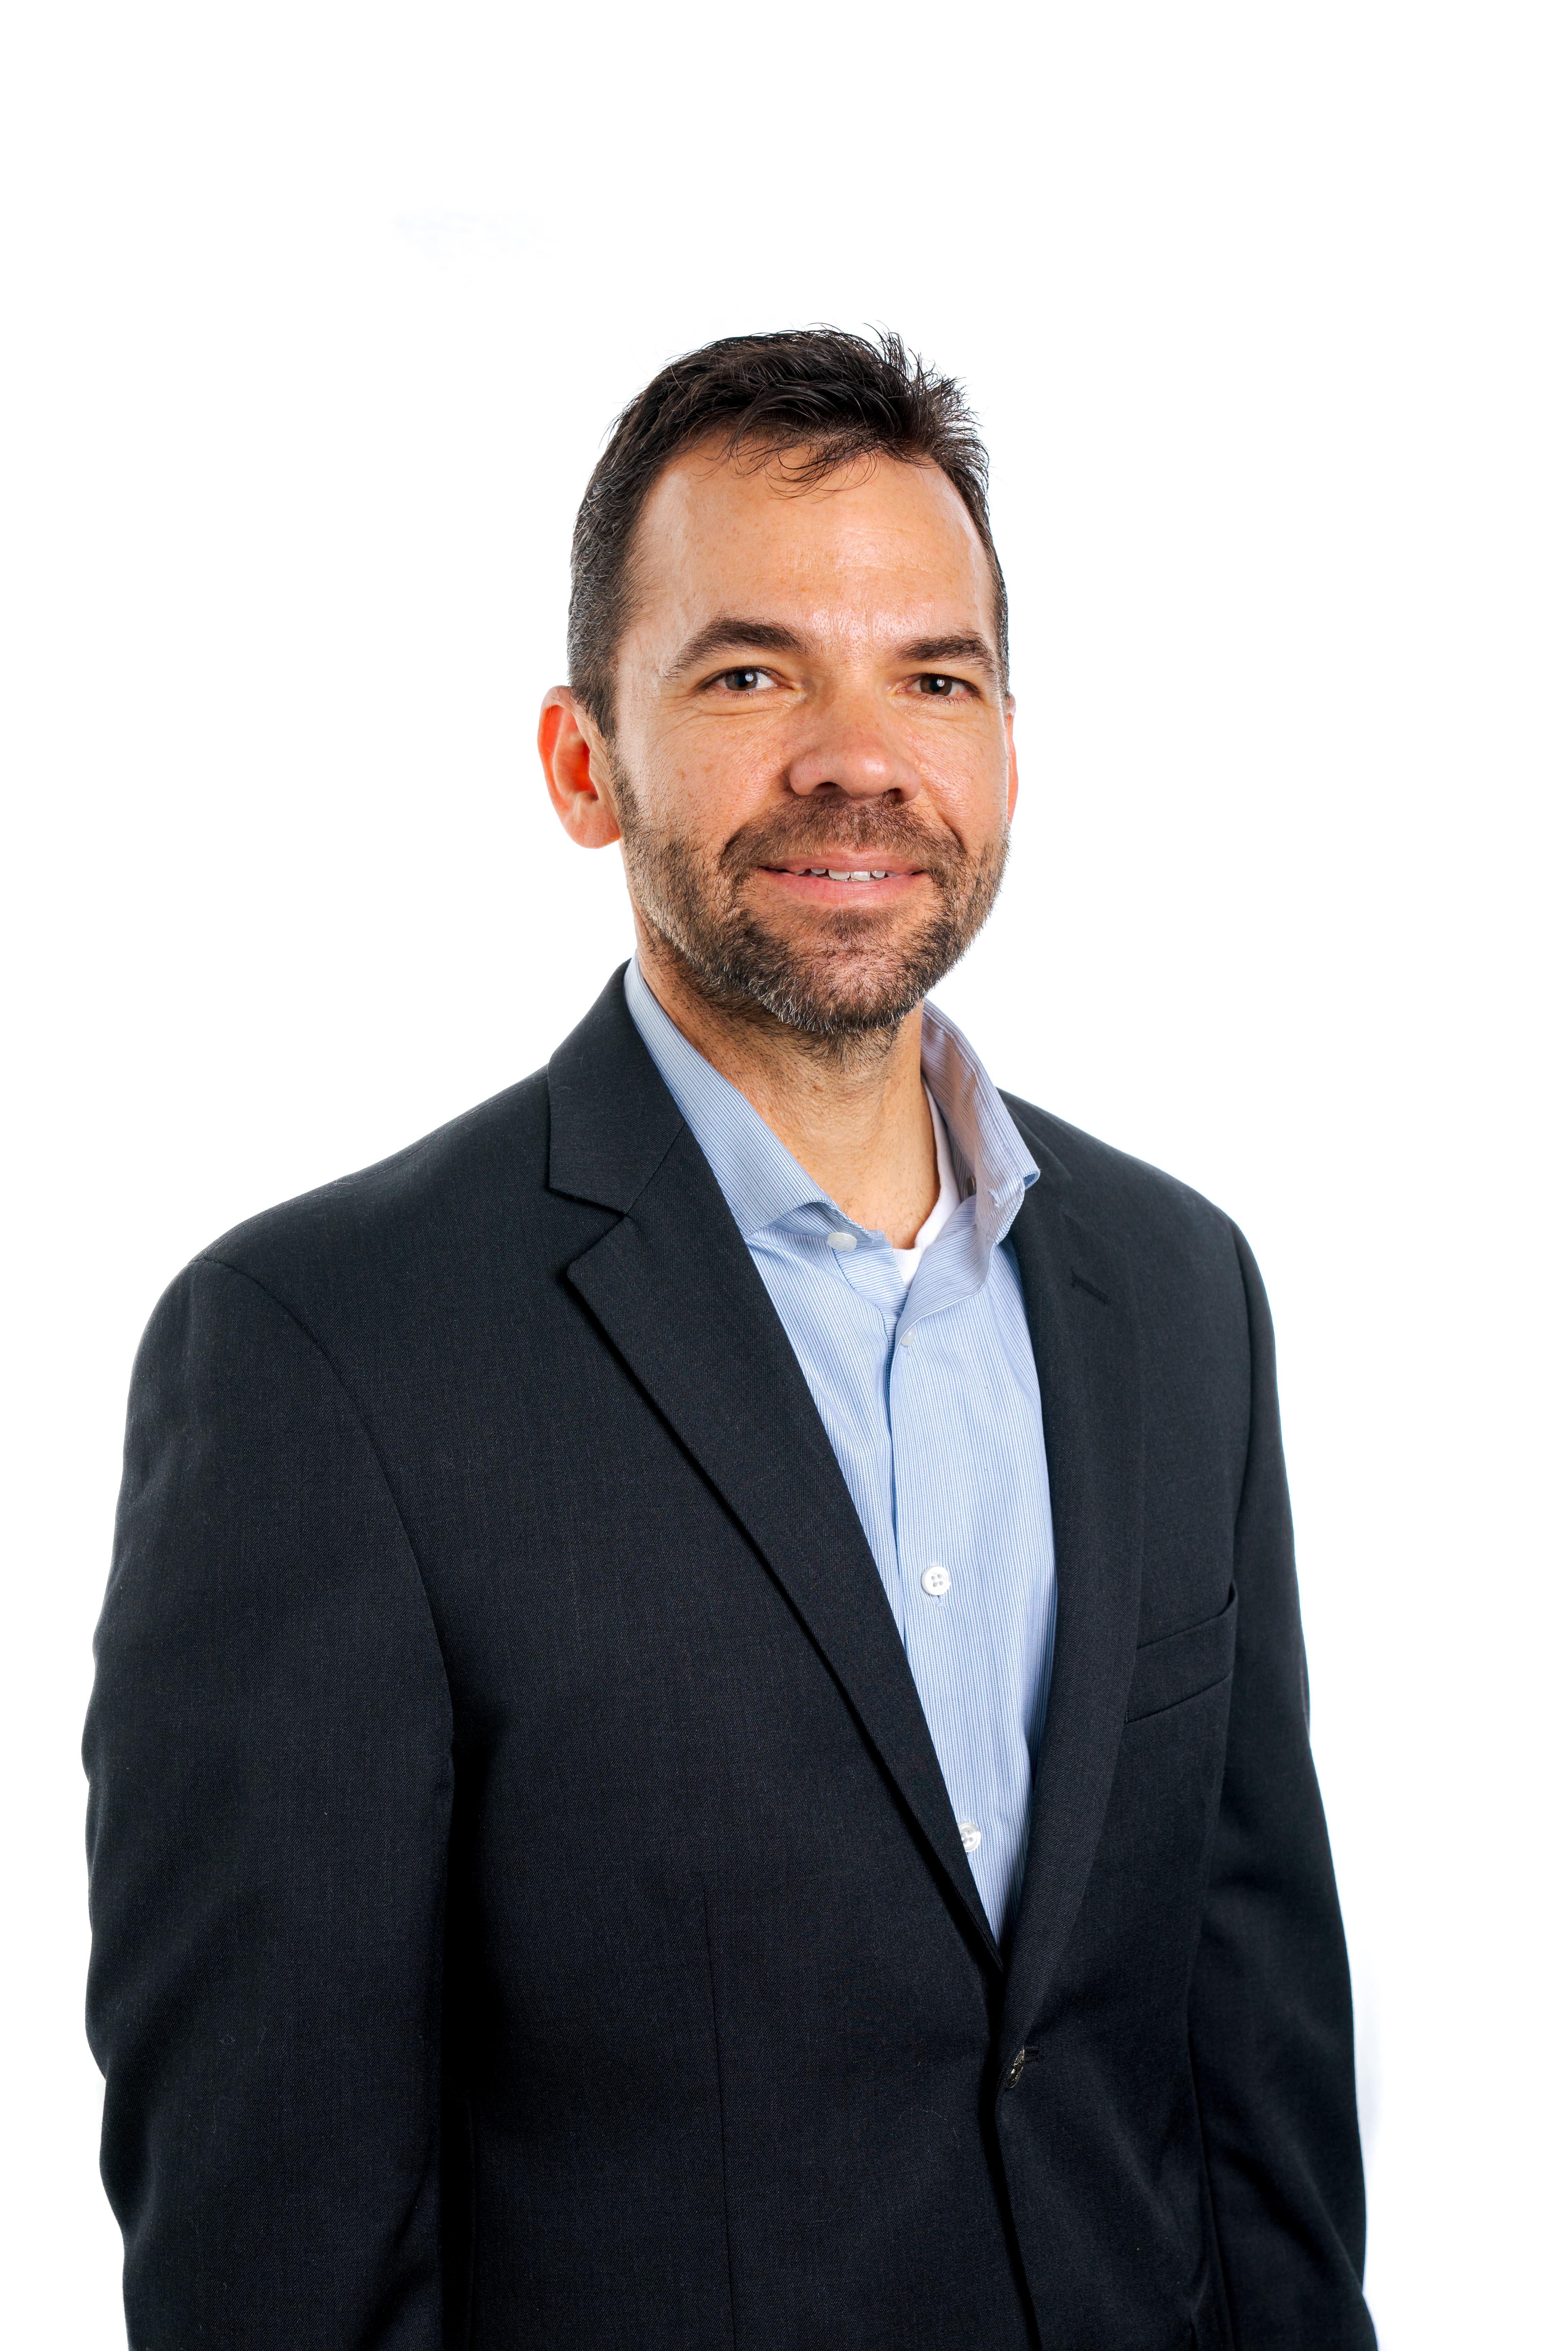 Jason Hill, CPA